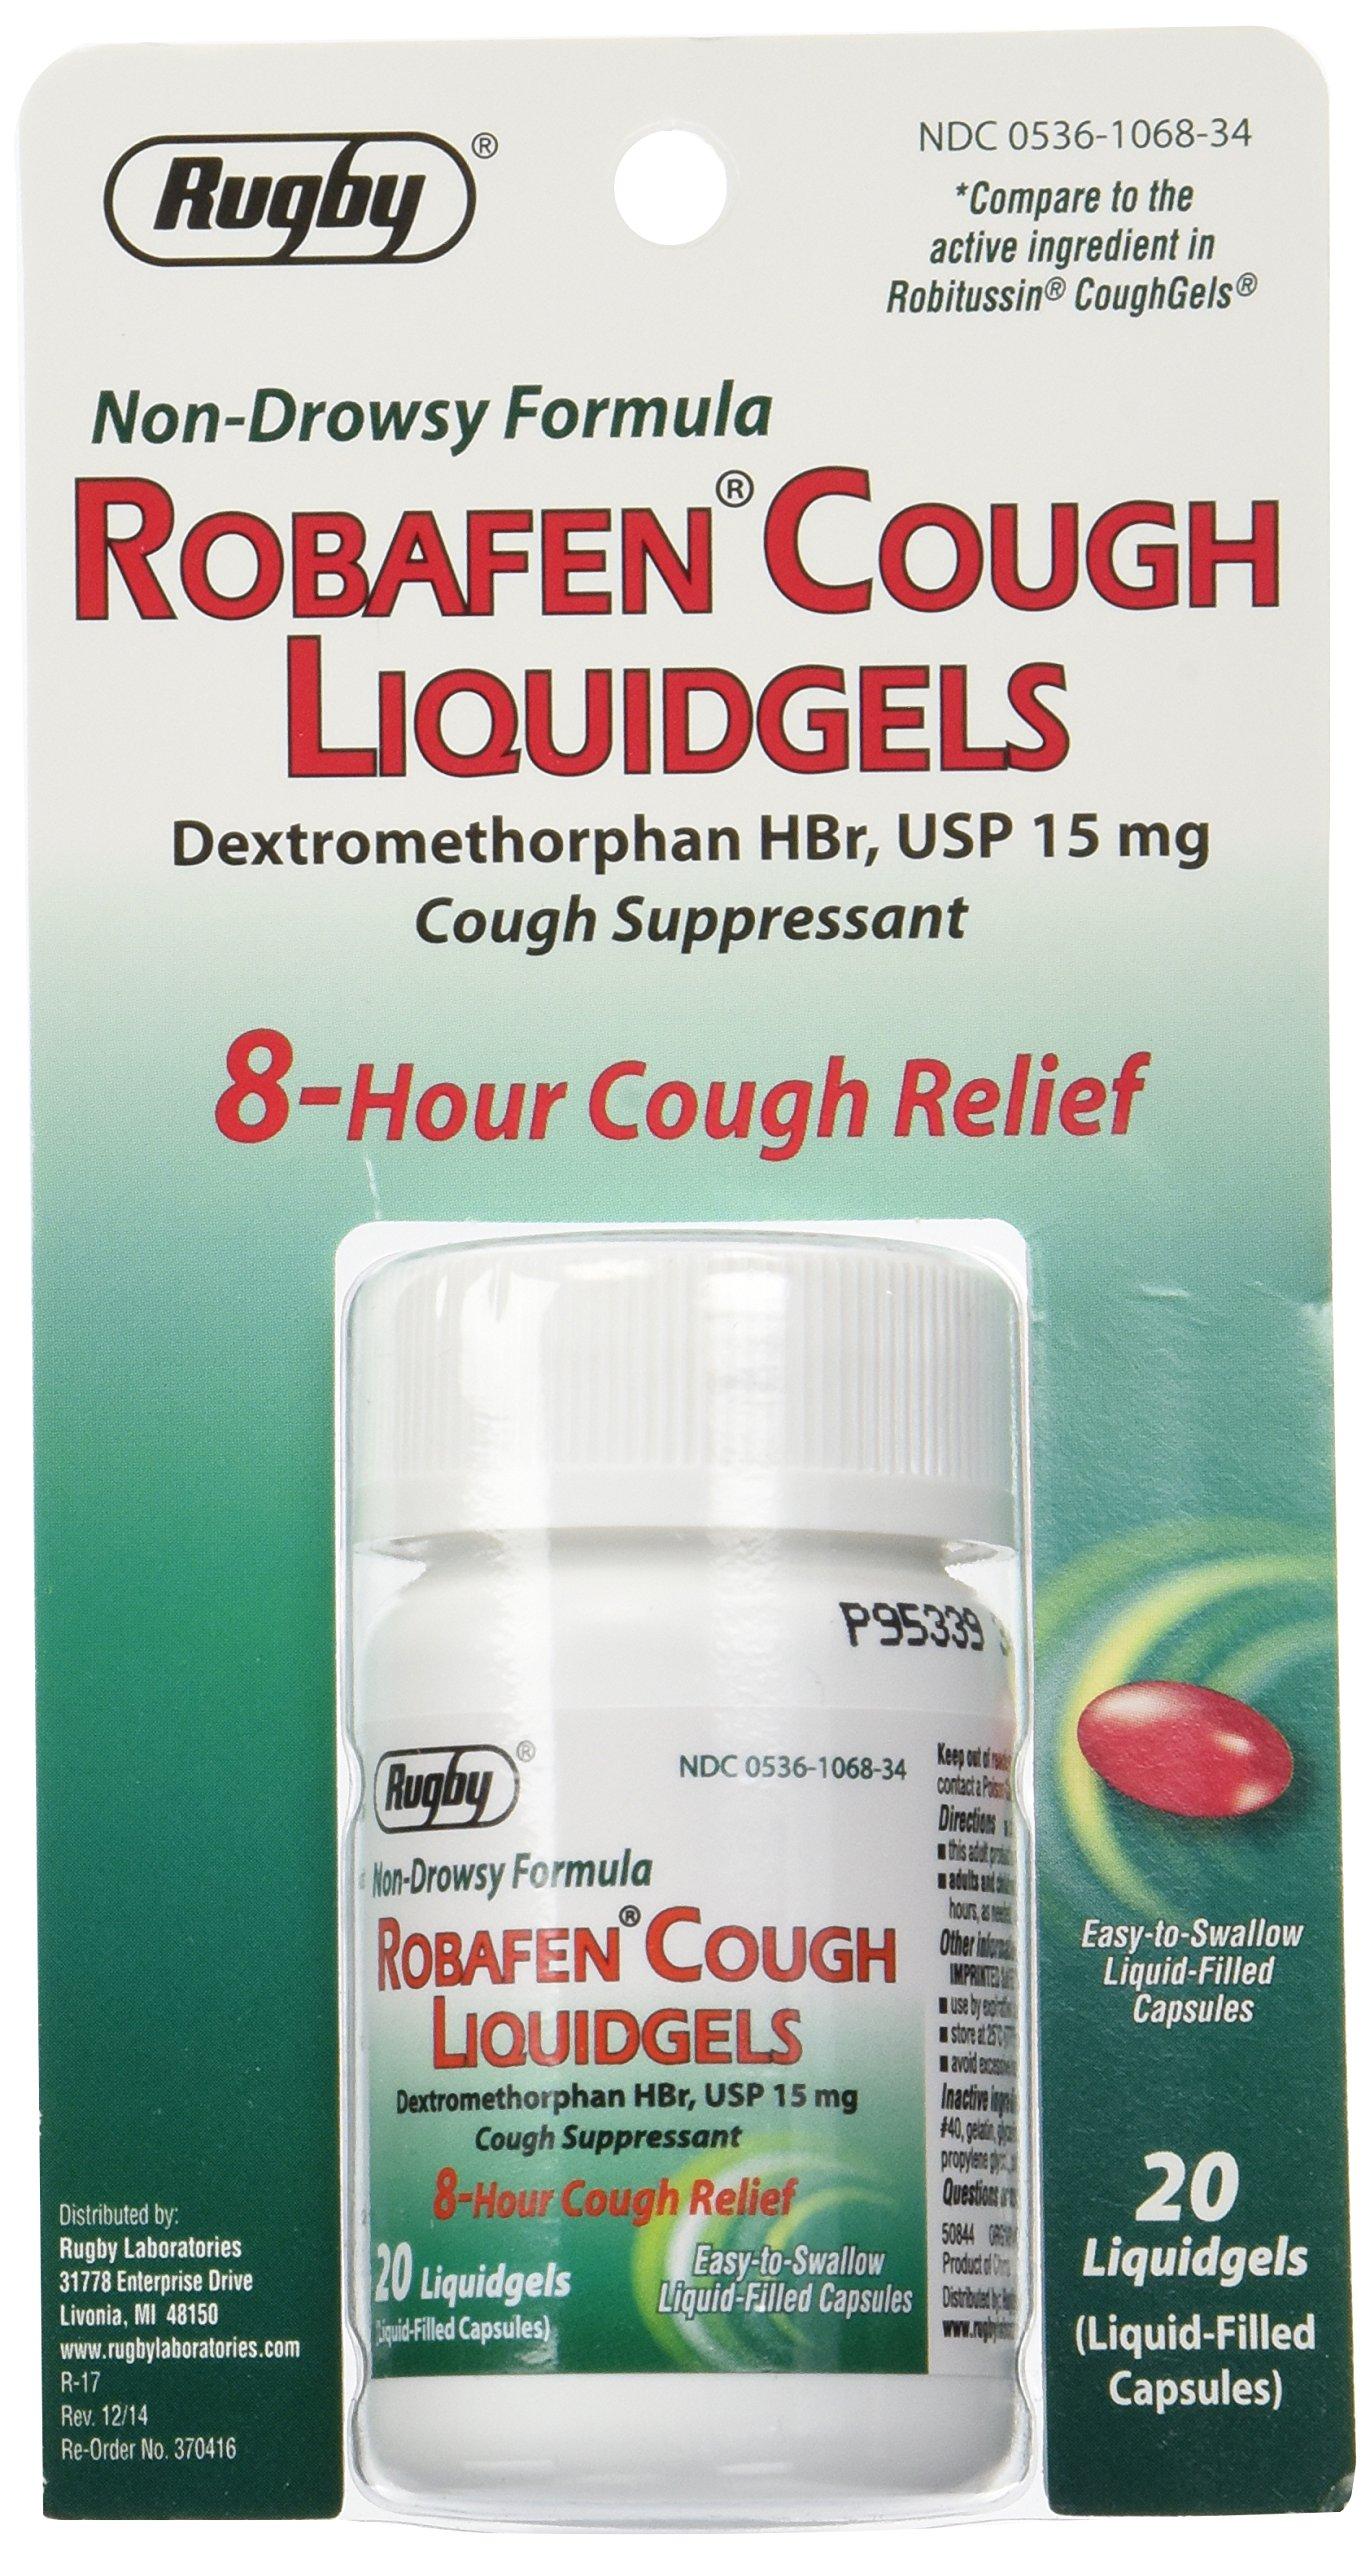 Robafen Cough Liquidgels Dextromethorphan HBr, USP 15mg, 20 Liquidgels (4 Packs) by Robitussin Coughgels